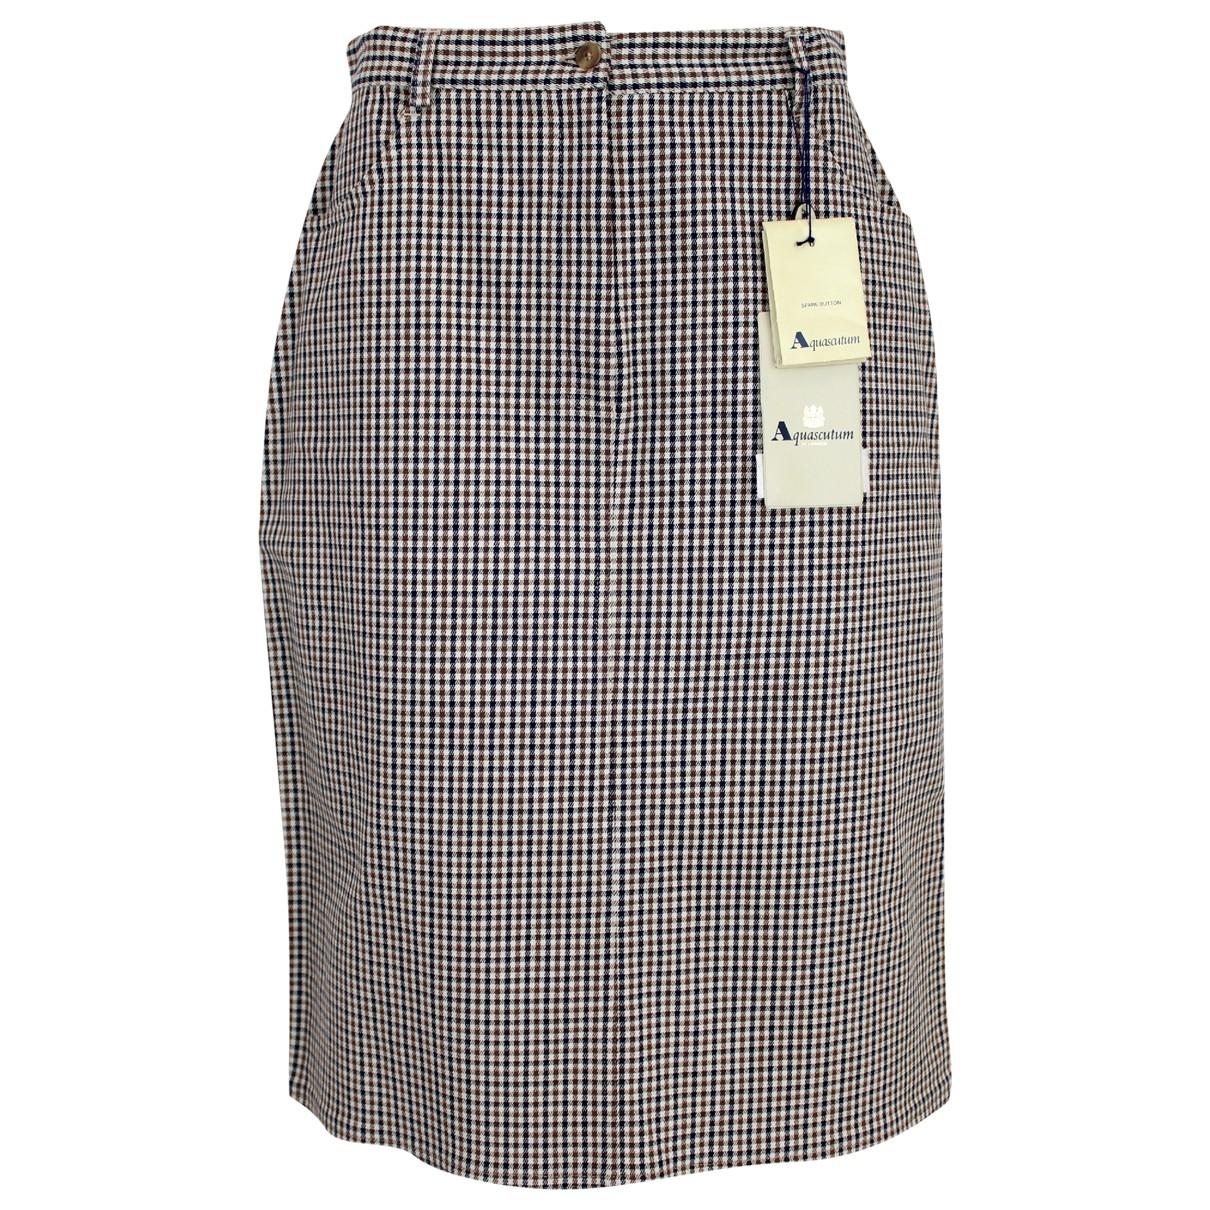 Aquascutum \N Blue Cotton skirt for Women 44 IT